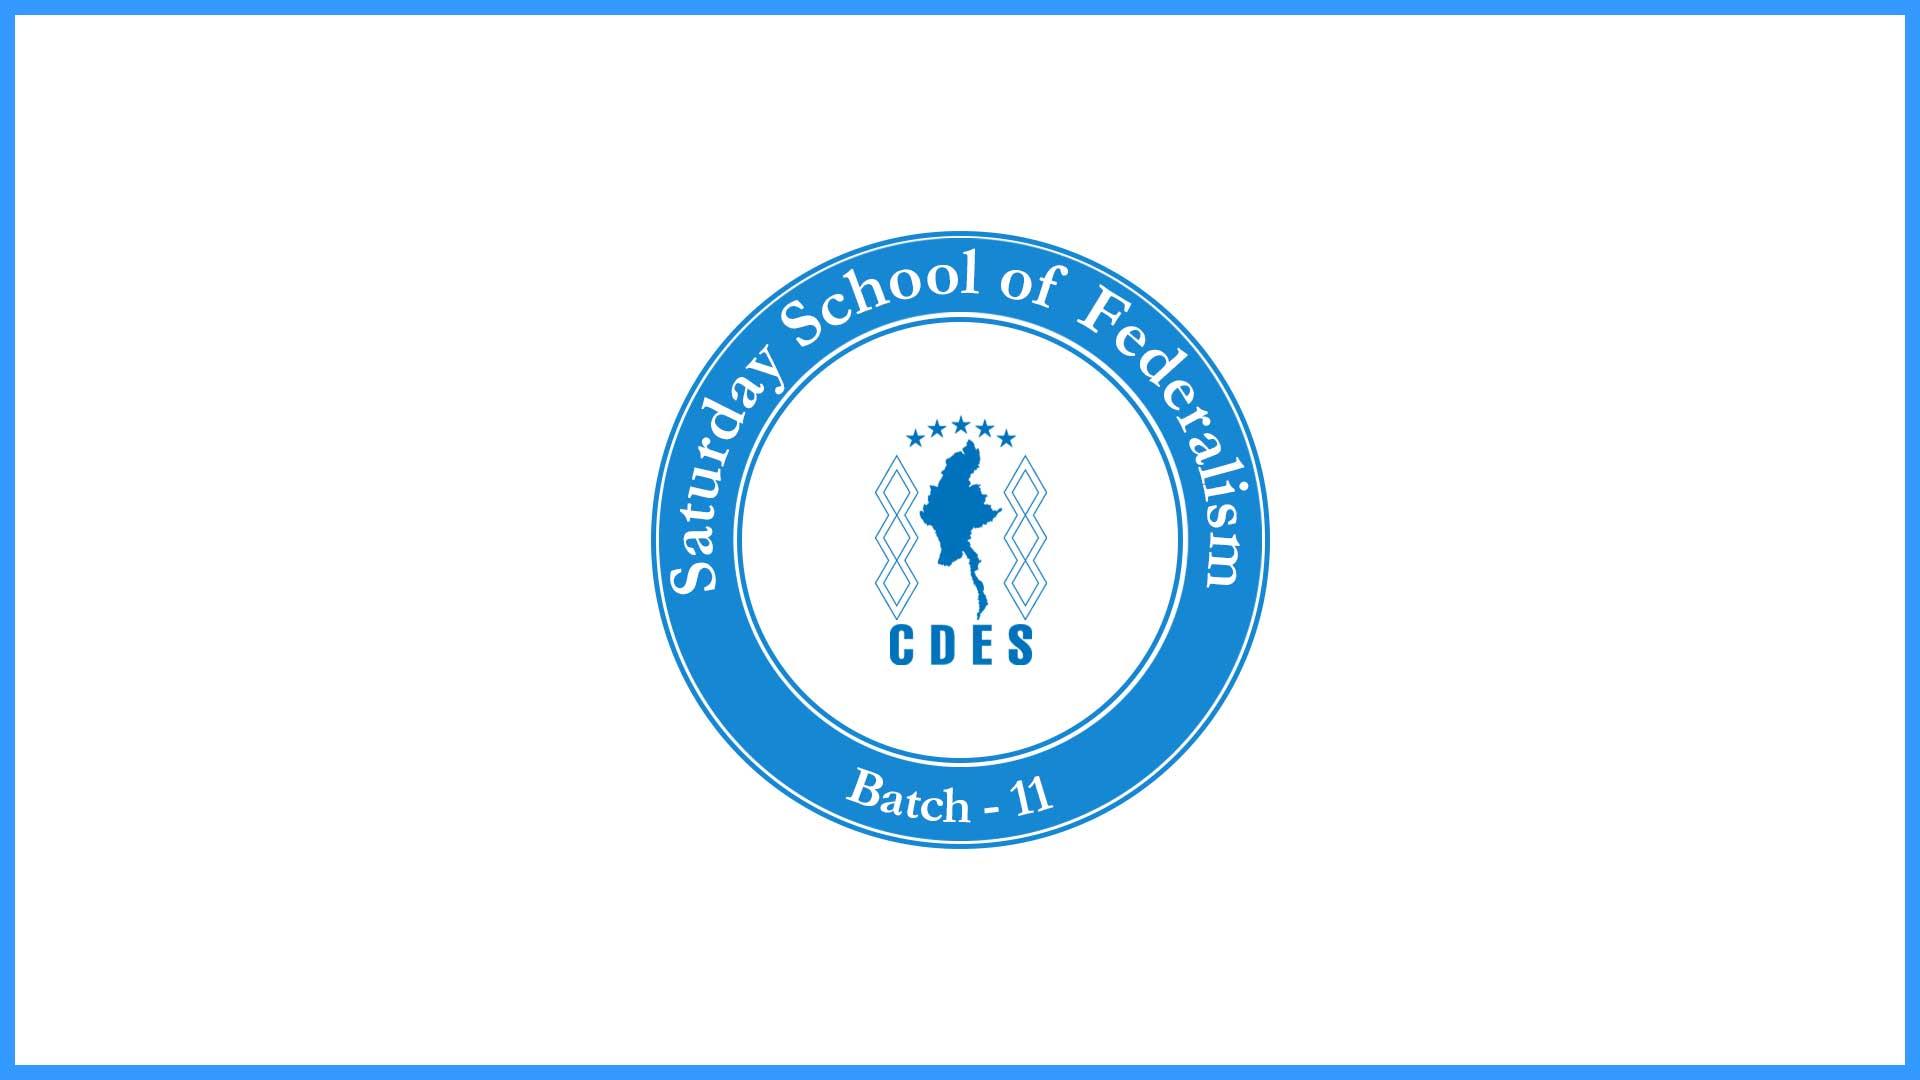 Saturday School of Federalism (Batch 11)